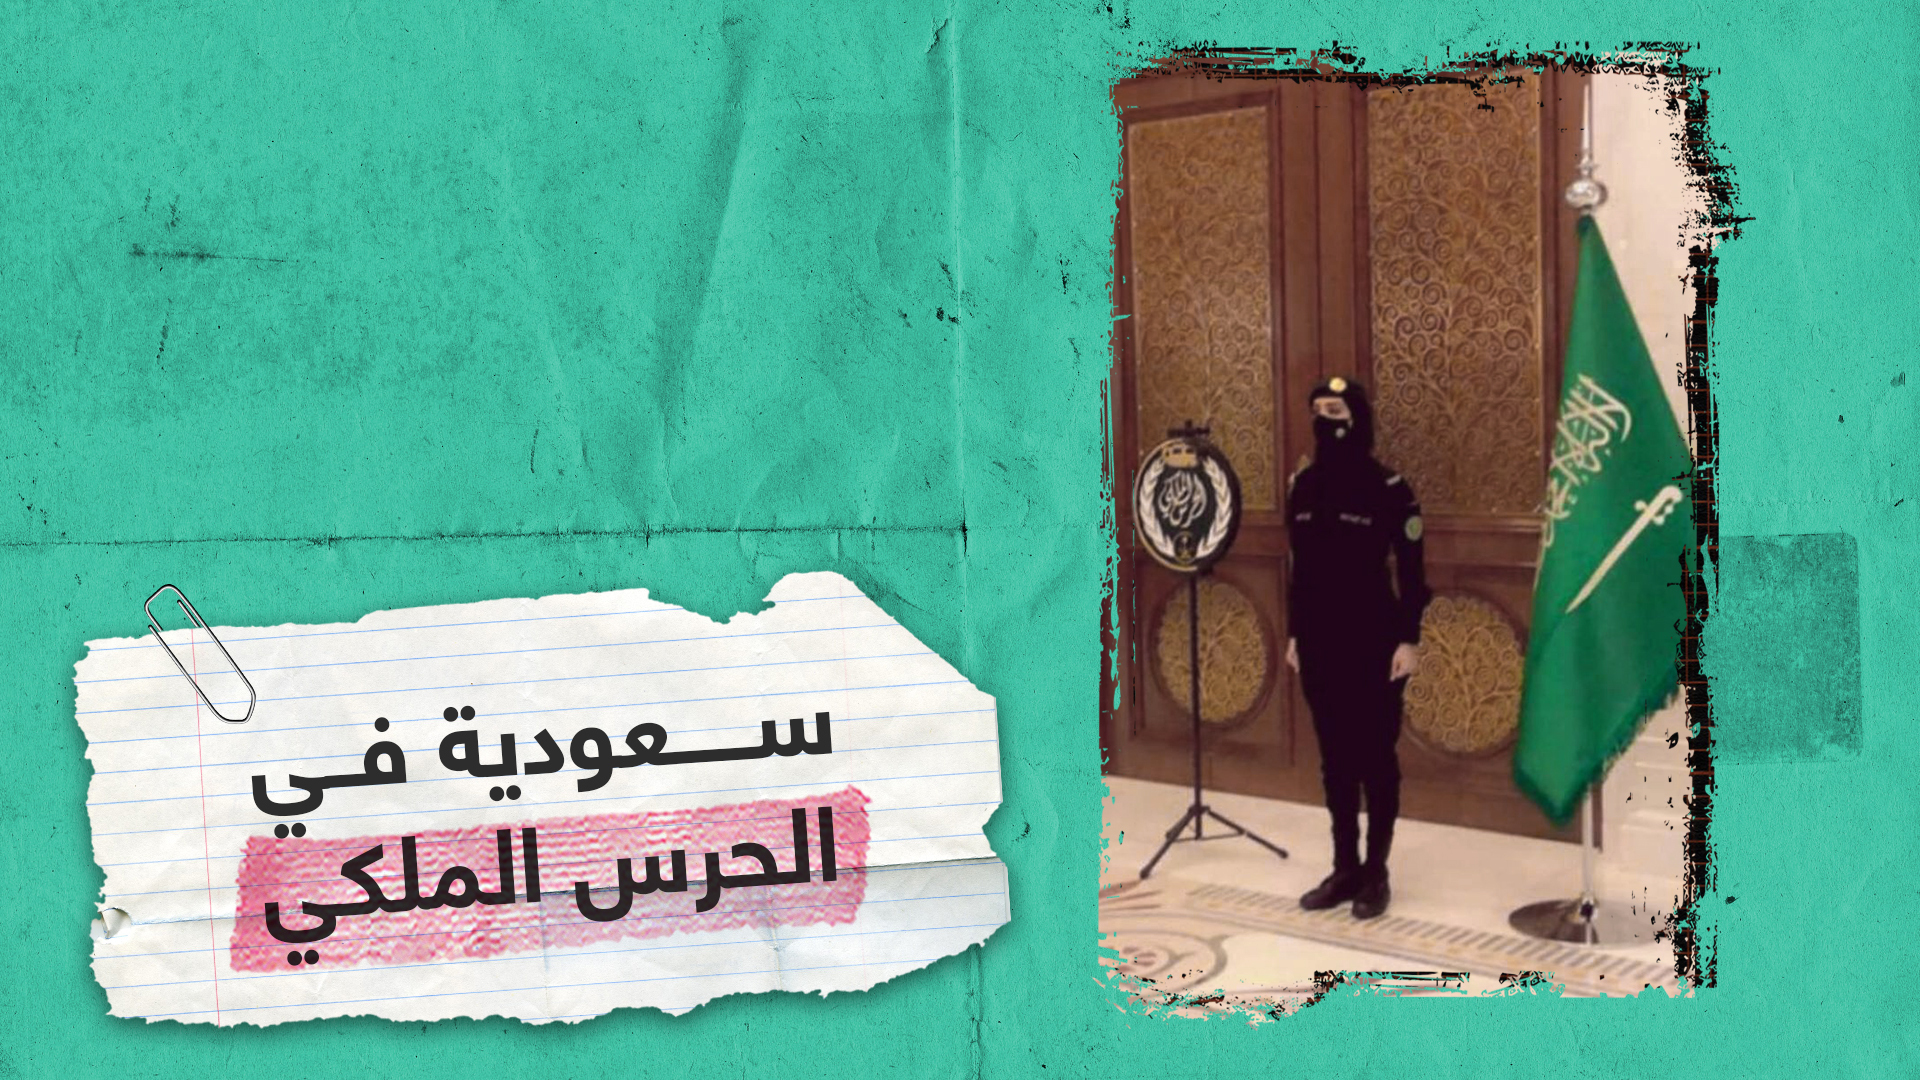 صورة لسيدة في زي الحرس الملكي السعودي تثير تفاعلا واسعا بين نشطاء مواقع التواصل